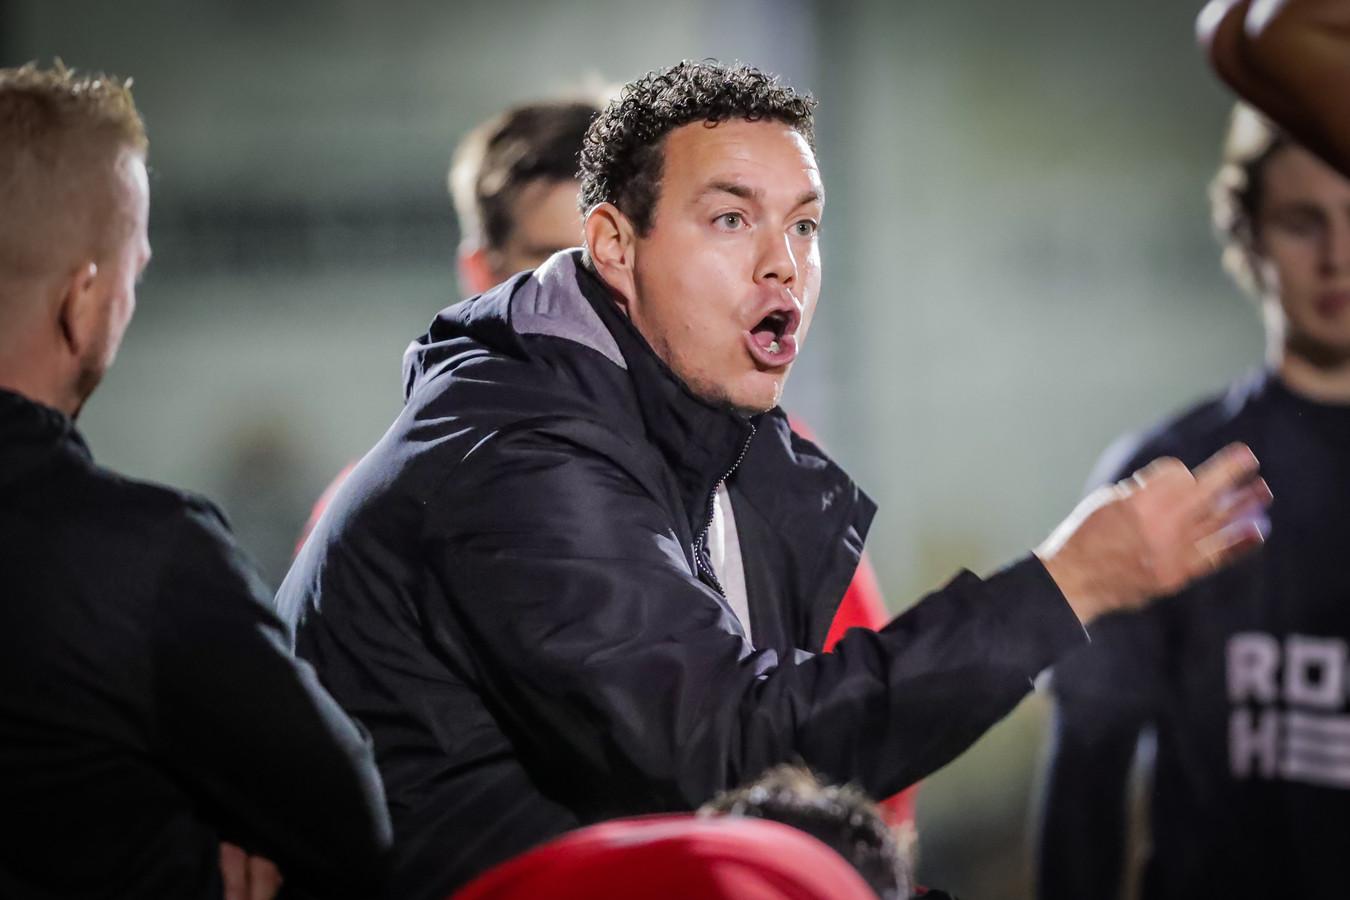 De trainersstaf blijft ongewijzigd. Kristof Meykens start zijn vijfde seizoen als hoofdtrainer en wordt bijgestaan door Nico Vanluyd (T2) en Mario Hanssen (keeperstrainer).